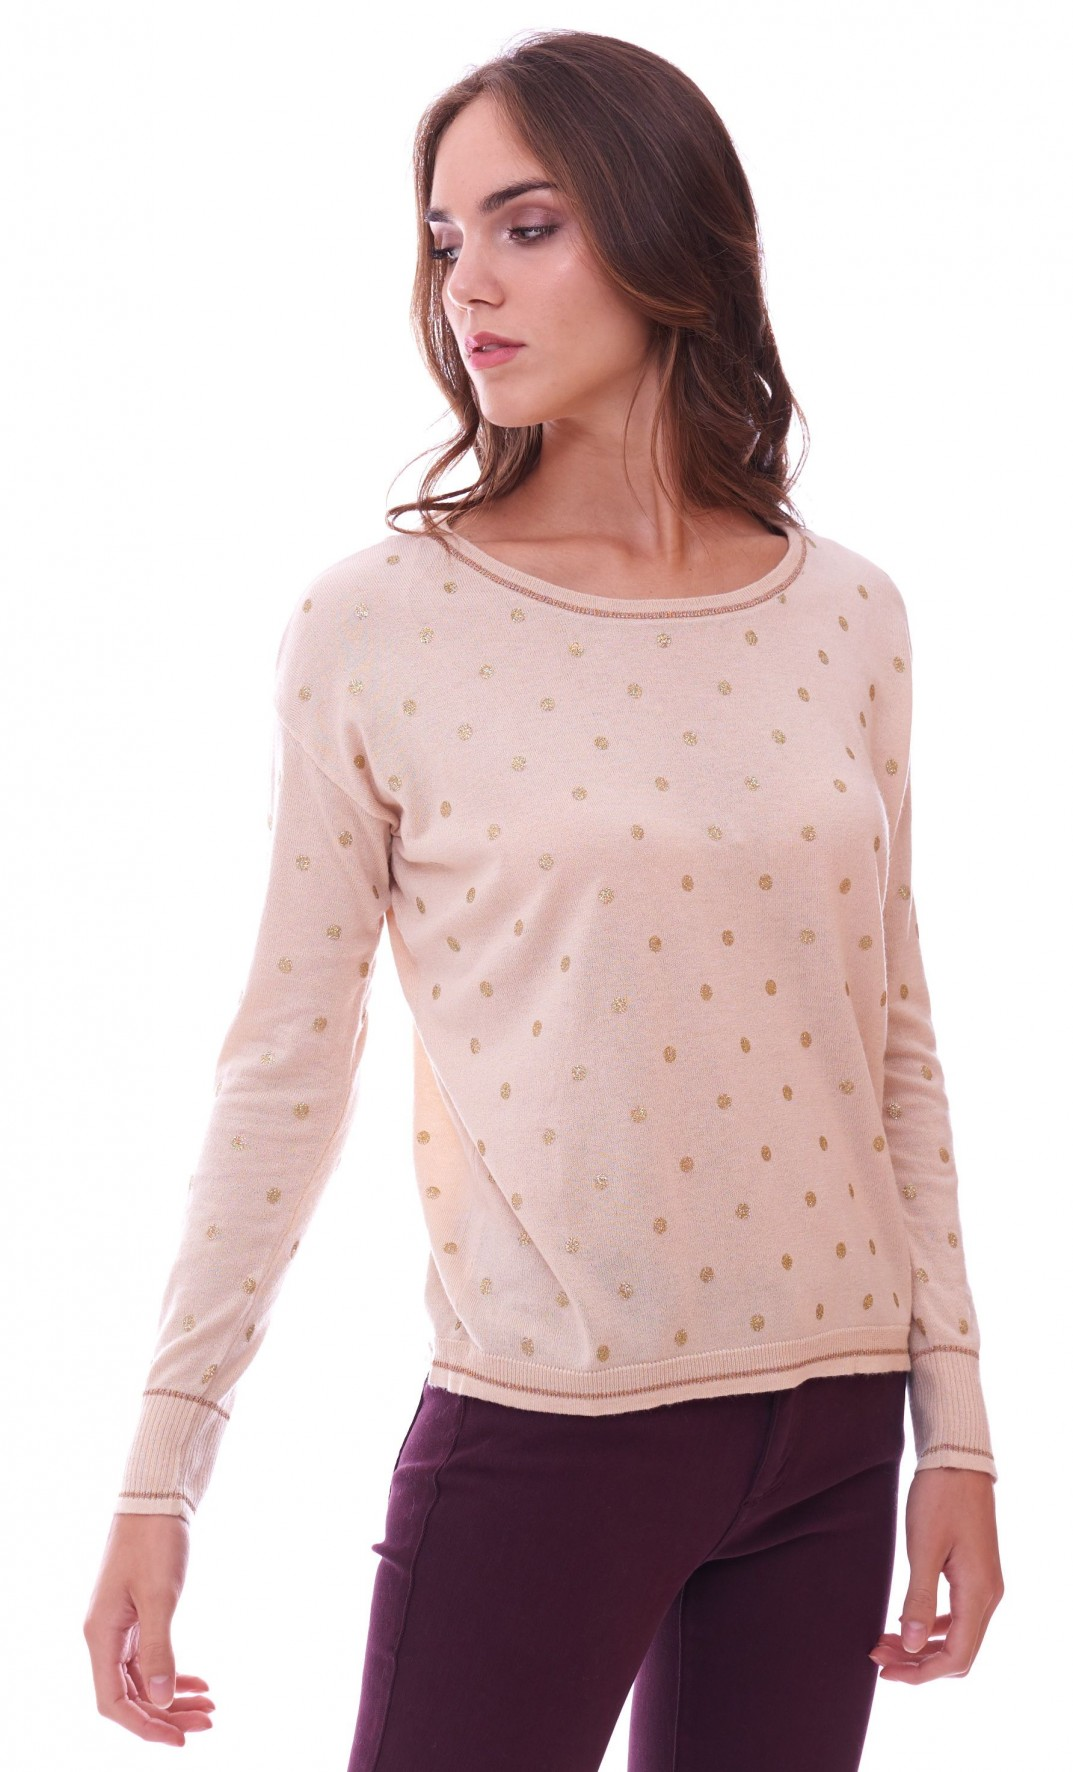 Beige Trui Met Glitters.Women S Beige Sweater Luckylu With Glitter Pois Ma06po